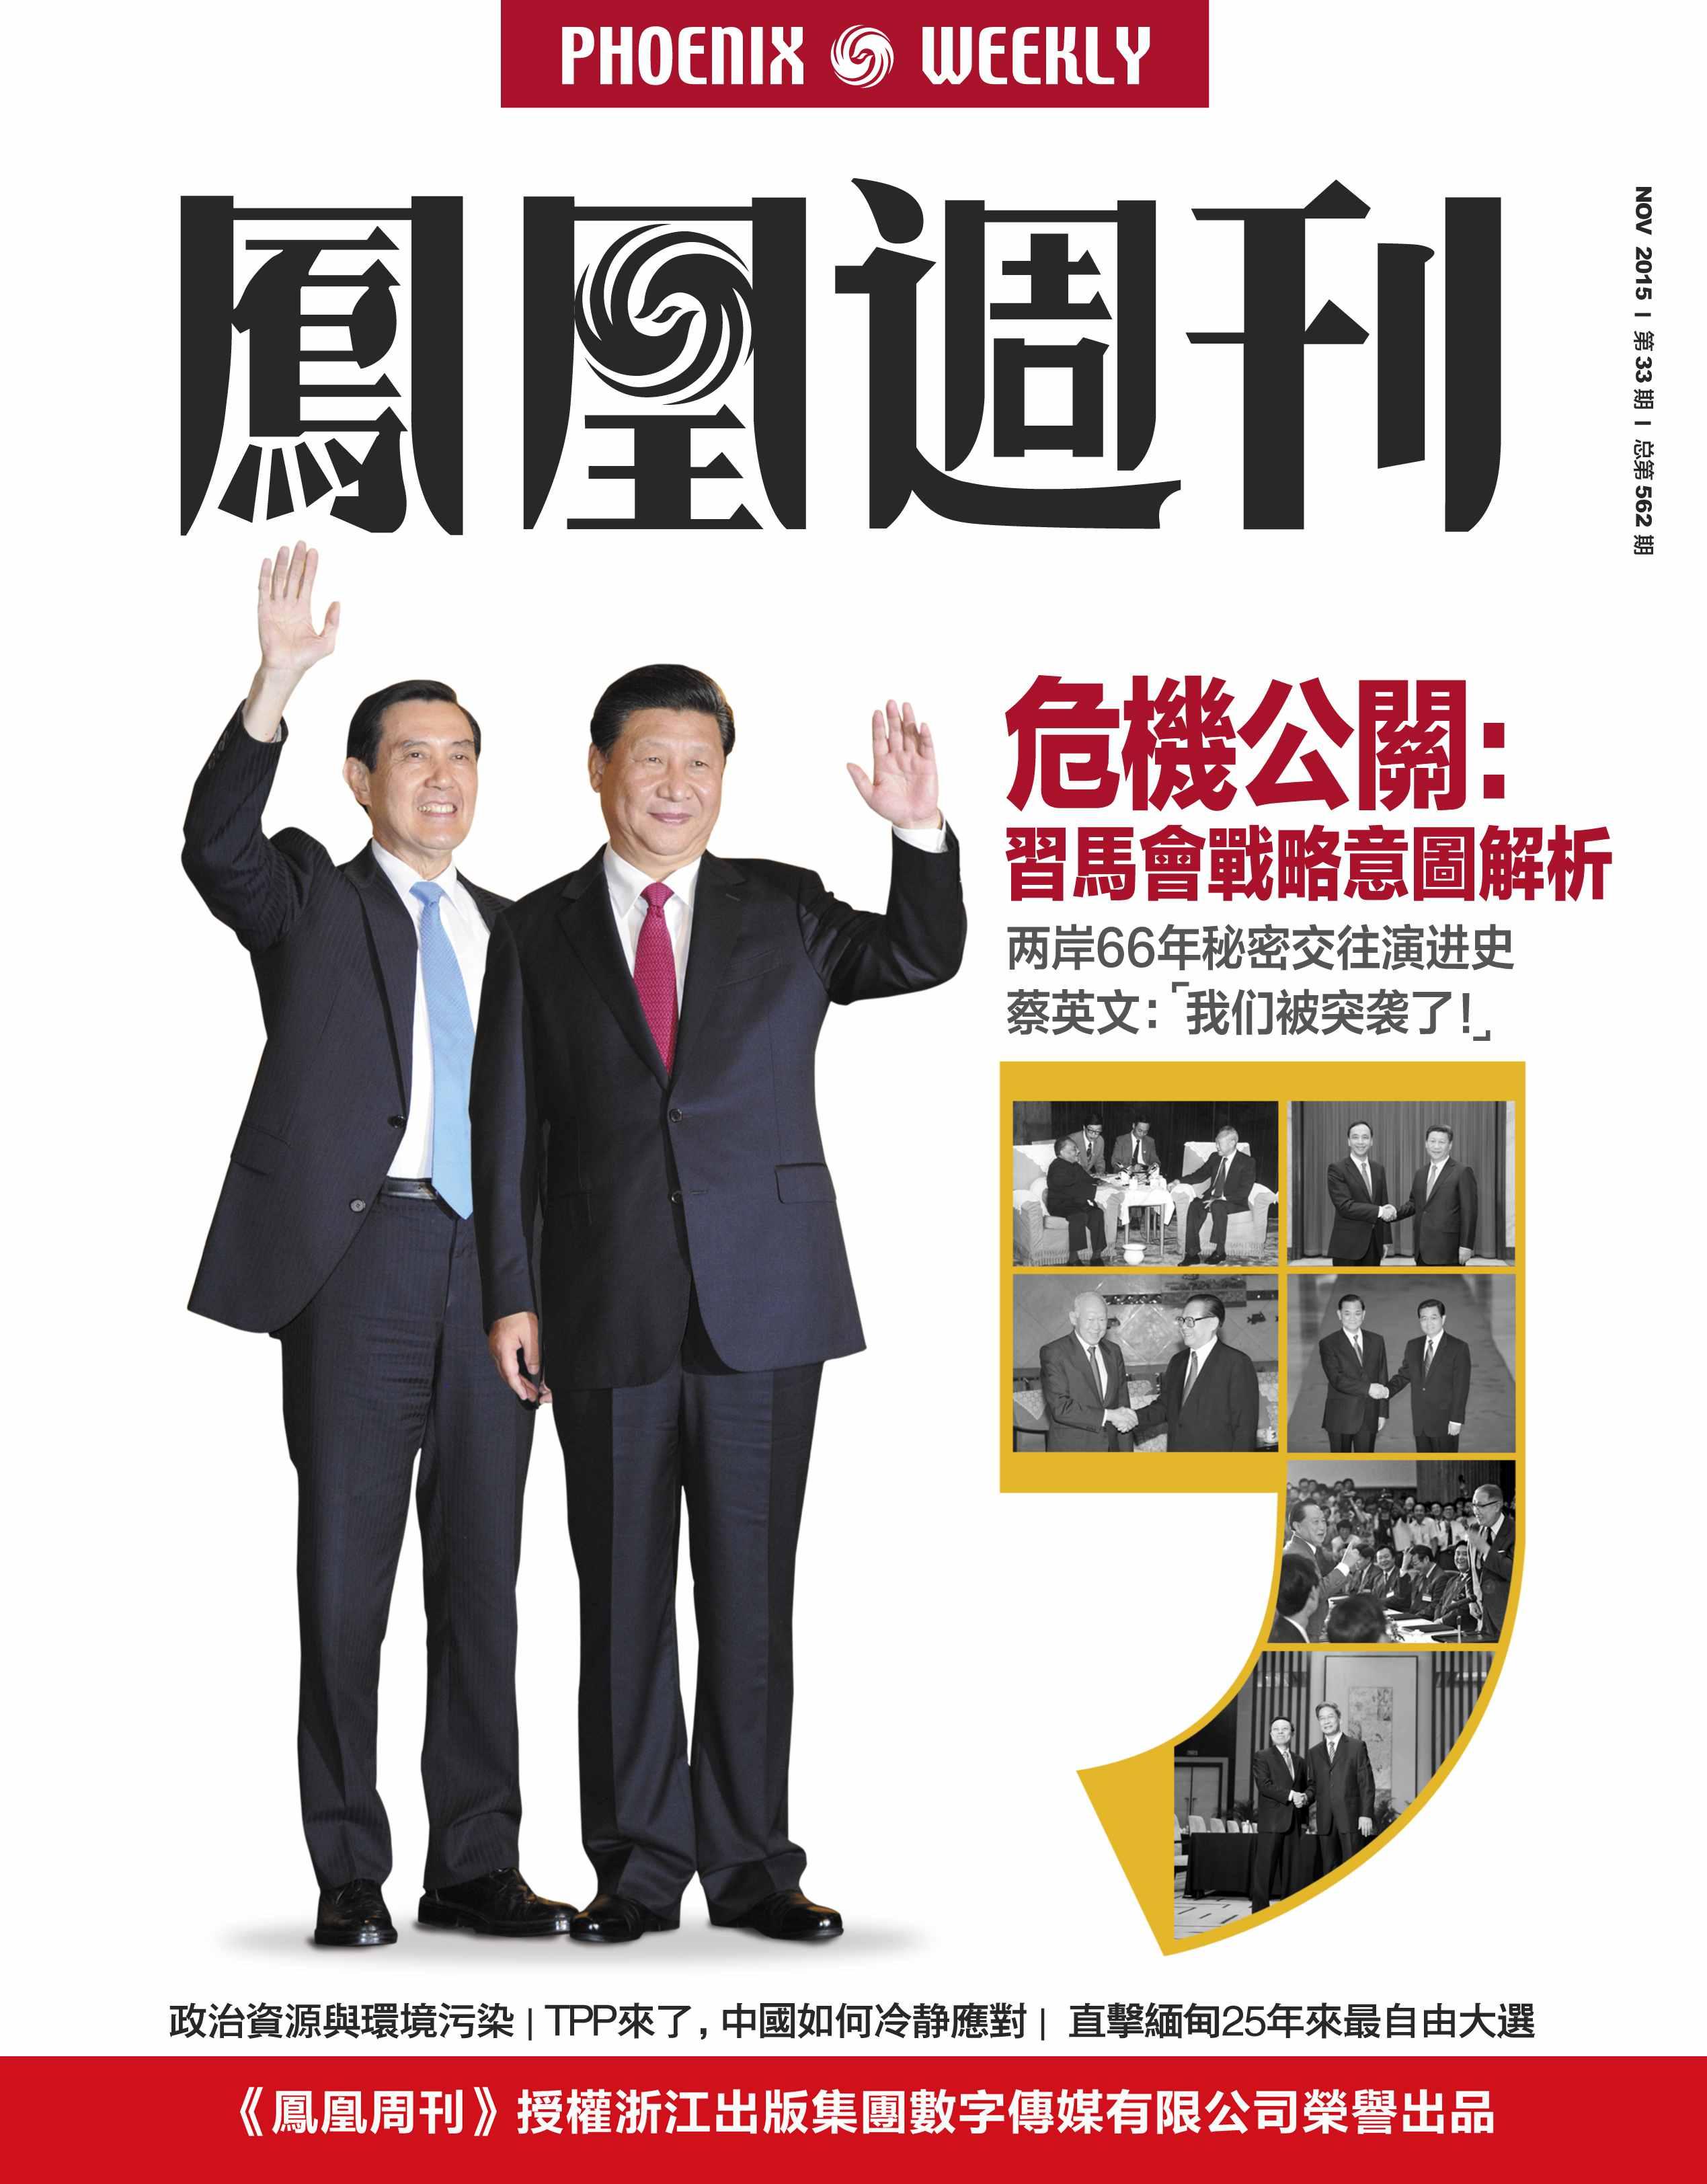 香港凤凰周刊 2015年第33期 危机公关:习马会战略意图解析